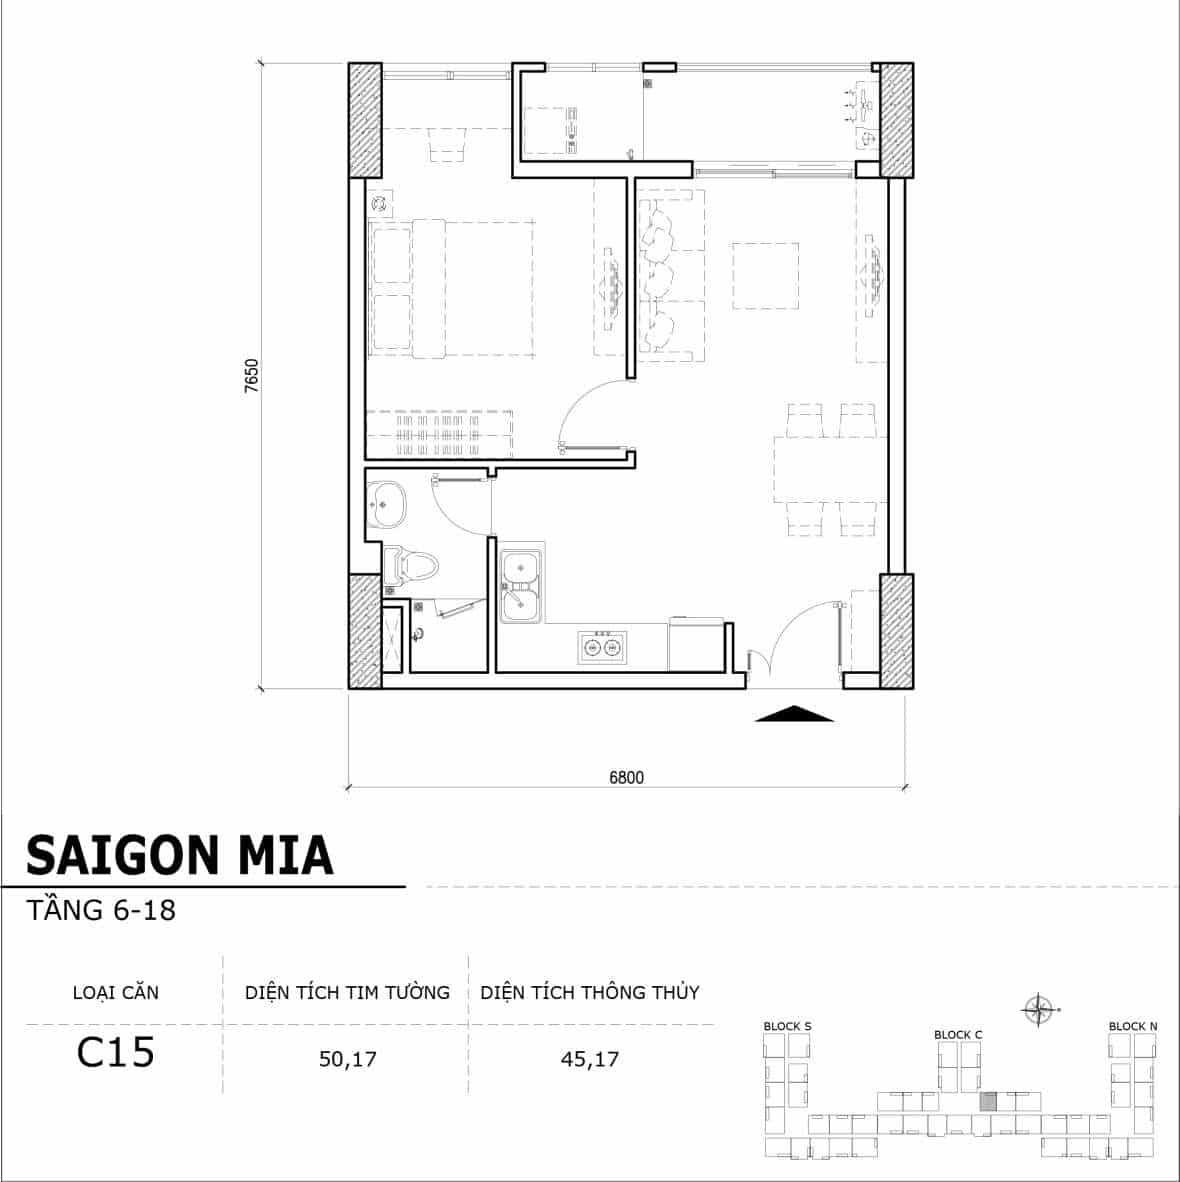 Chi tiết thiết kế căn hộ điển hình tầng 6-18 dự án Sài Gòn Mia - Căn C15